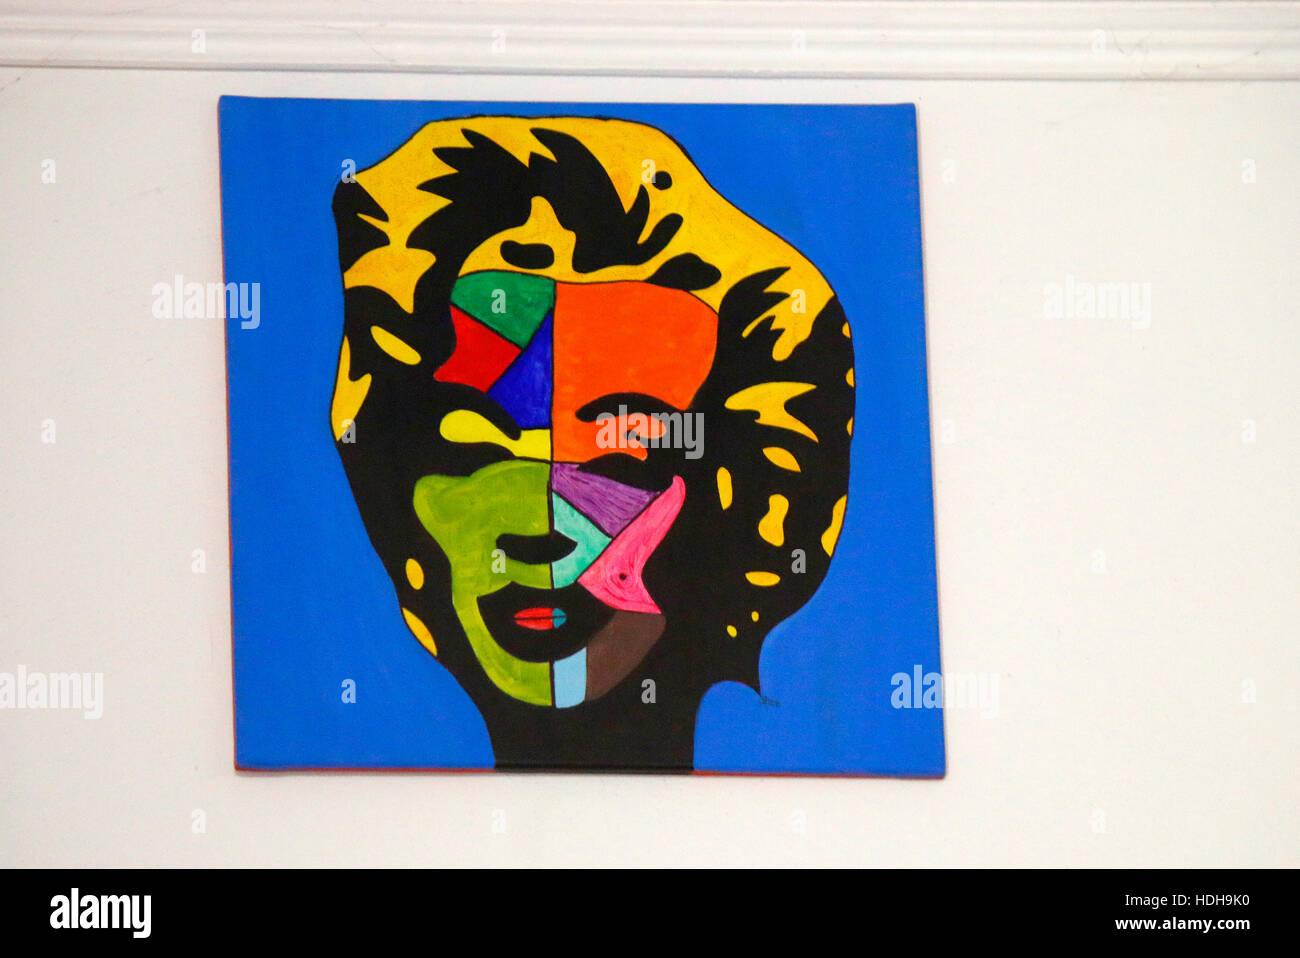 ein Pop-Art-Gemaelde von Marilyn Monroe, Berlin. - Stock Image